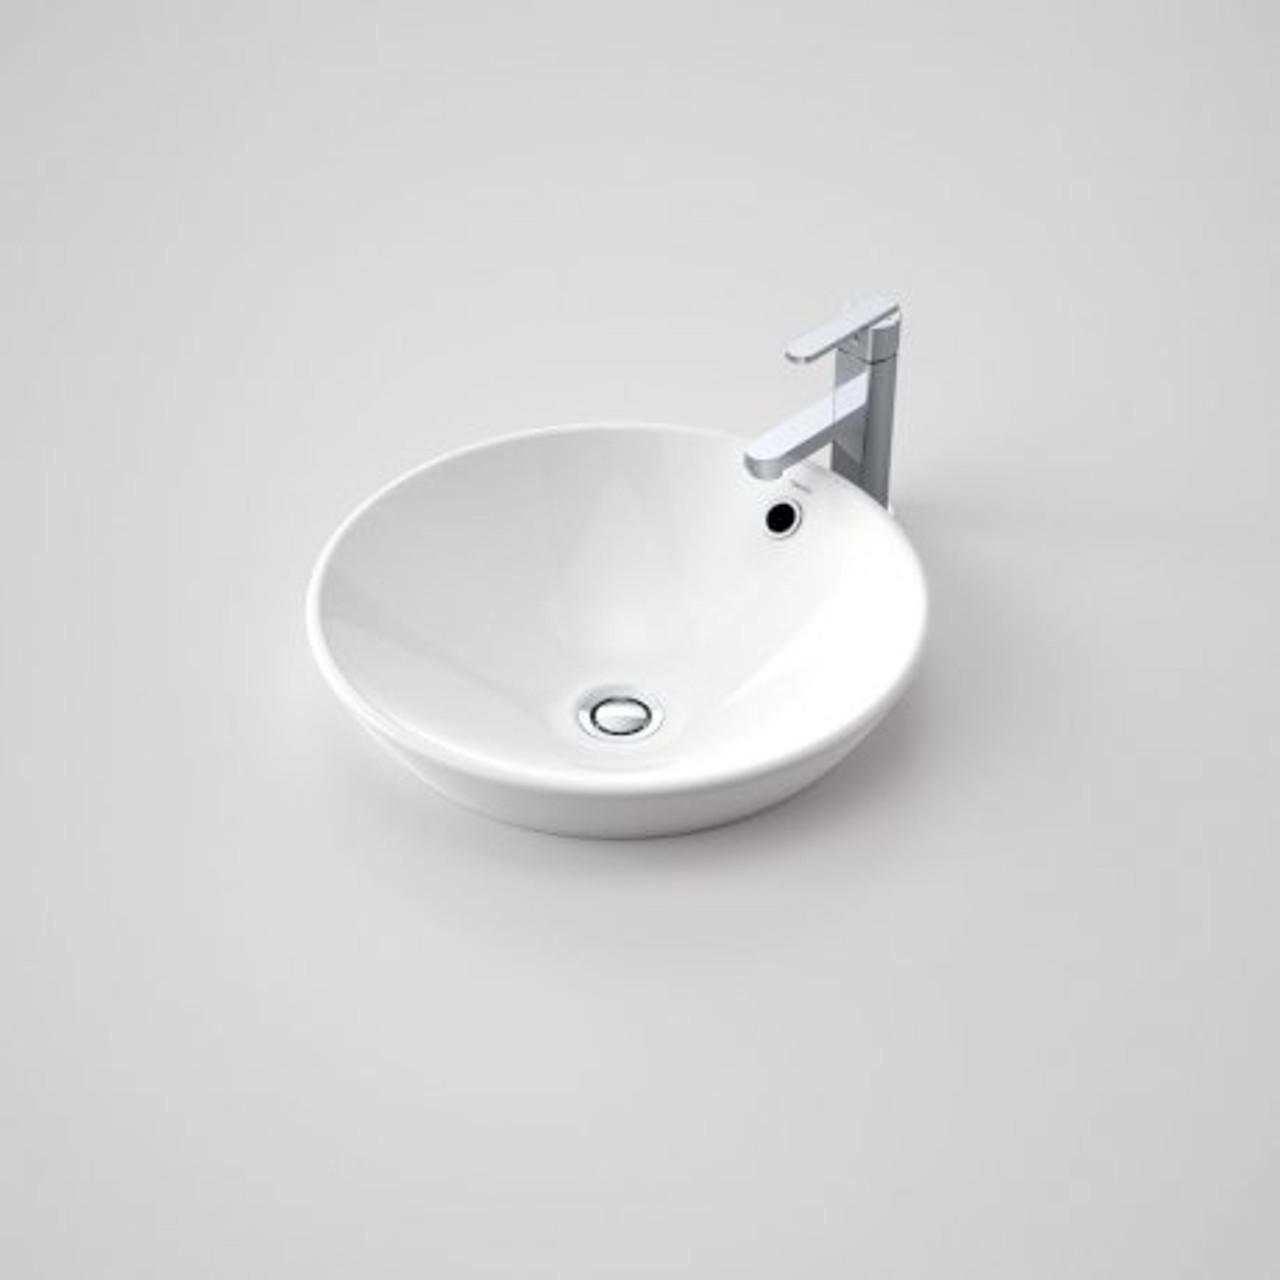 leda vasque inset basin